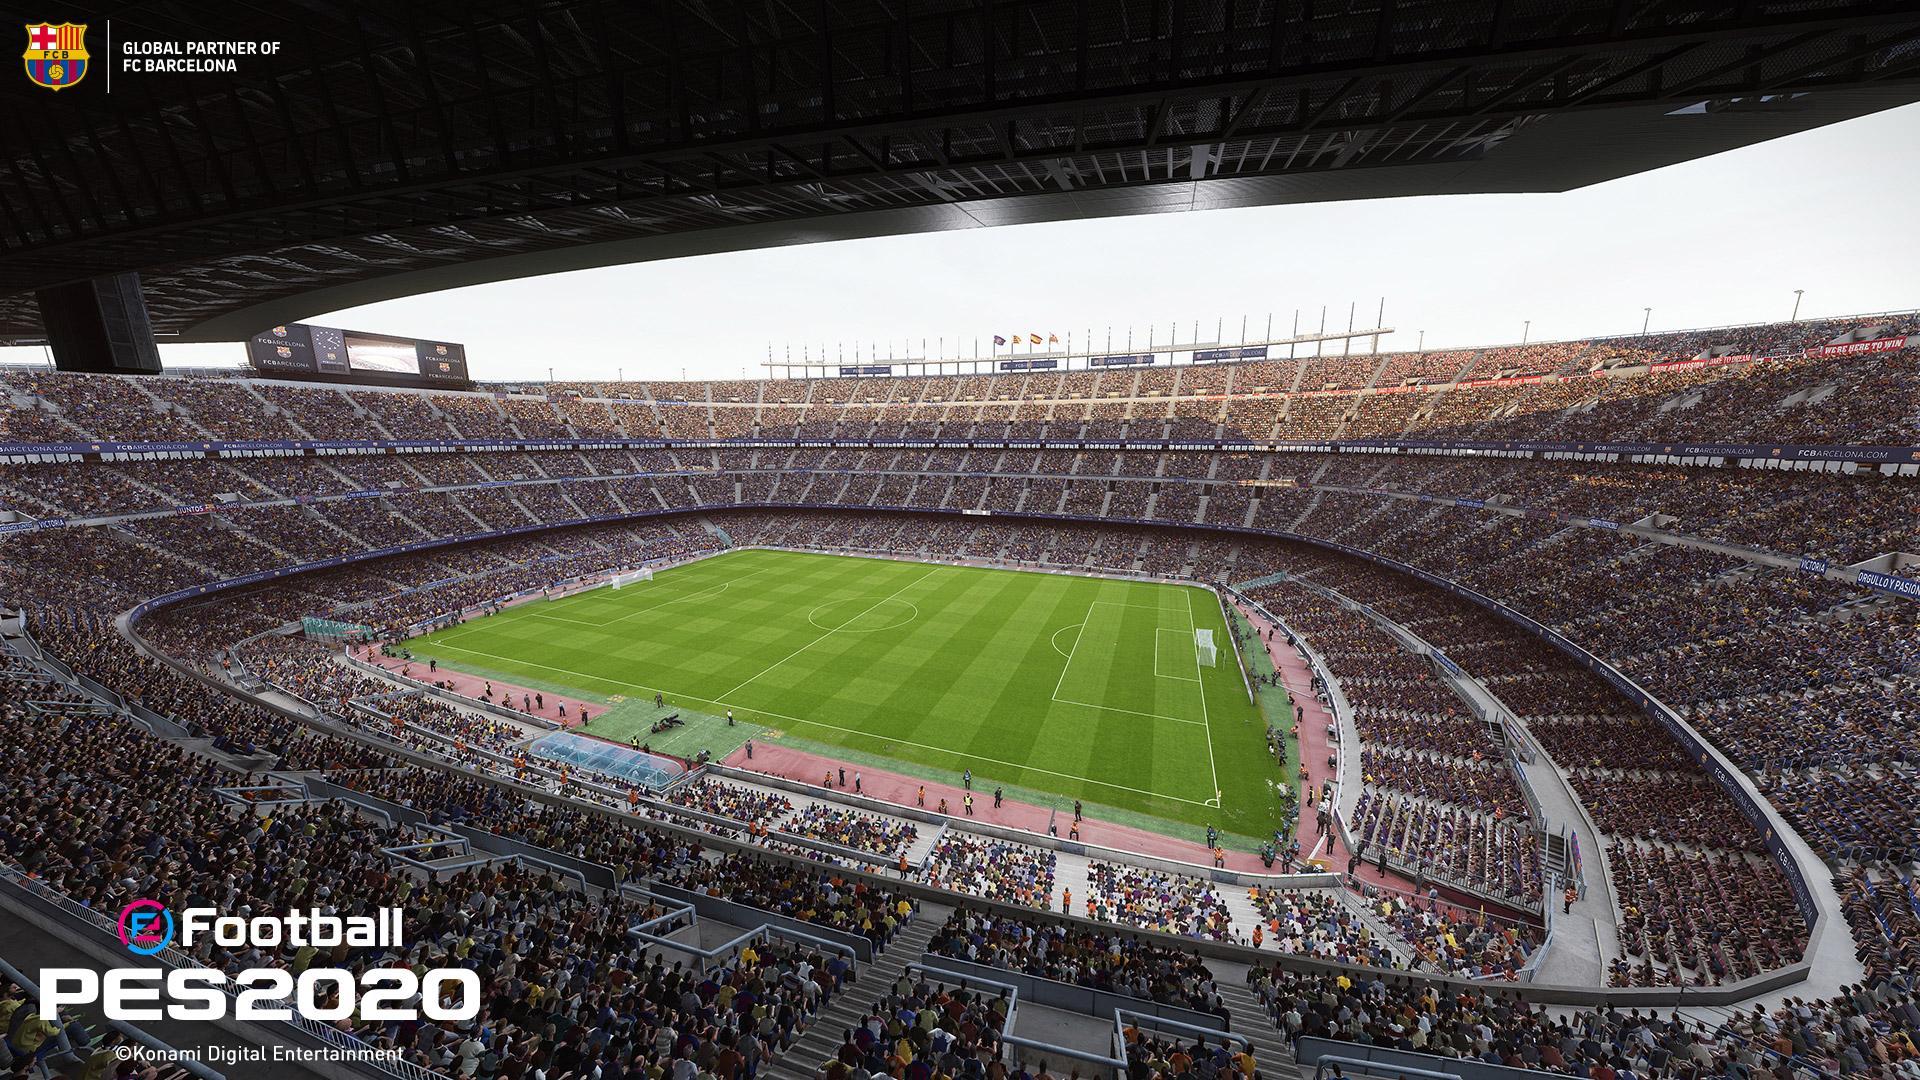 camp nou pes 2020 all stadiums pro evolution soccer 2020 efootball database camp nou pes 2020 all stadiums pro